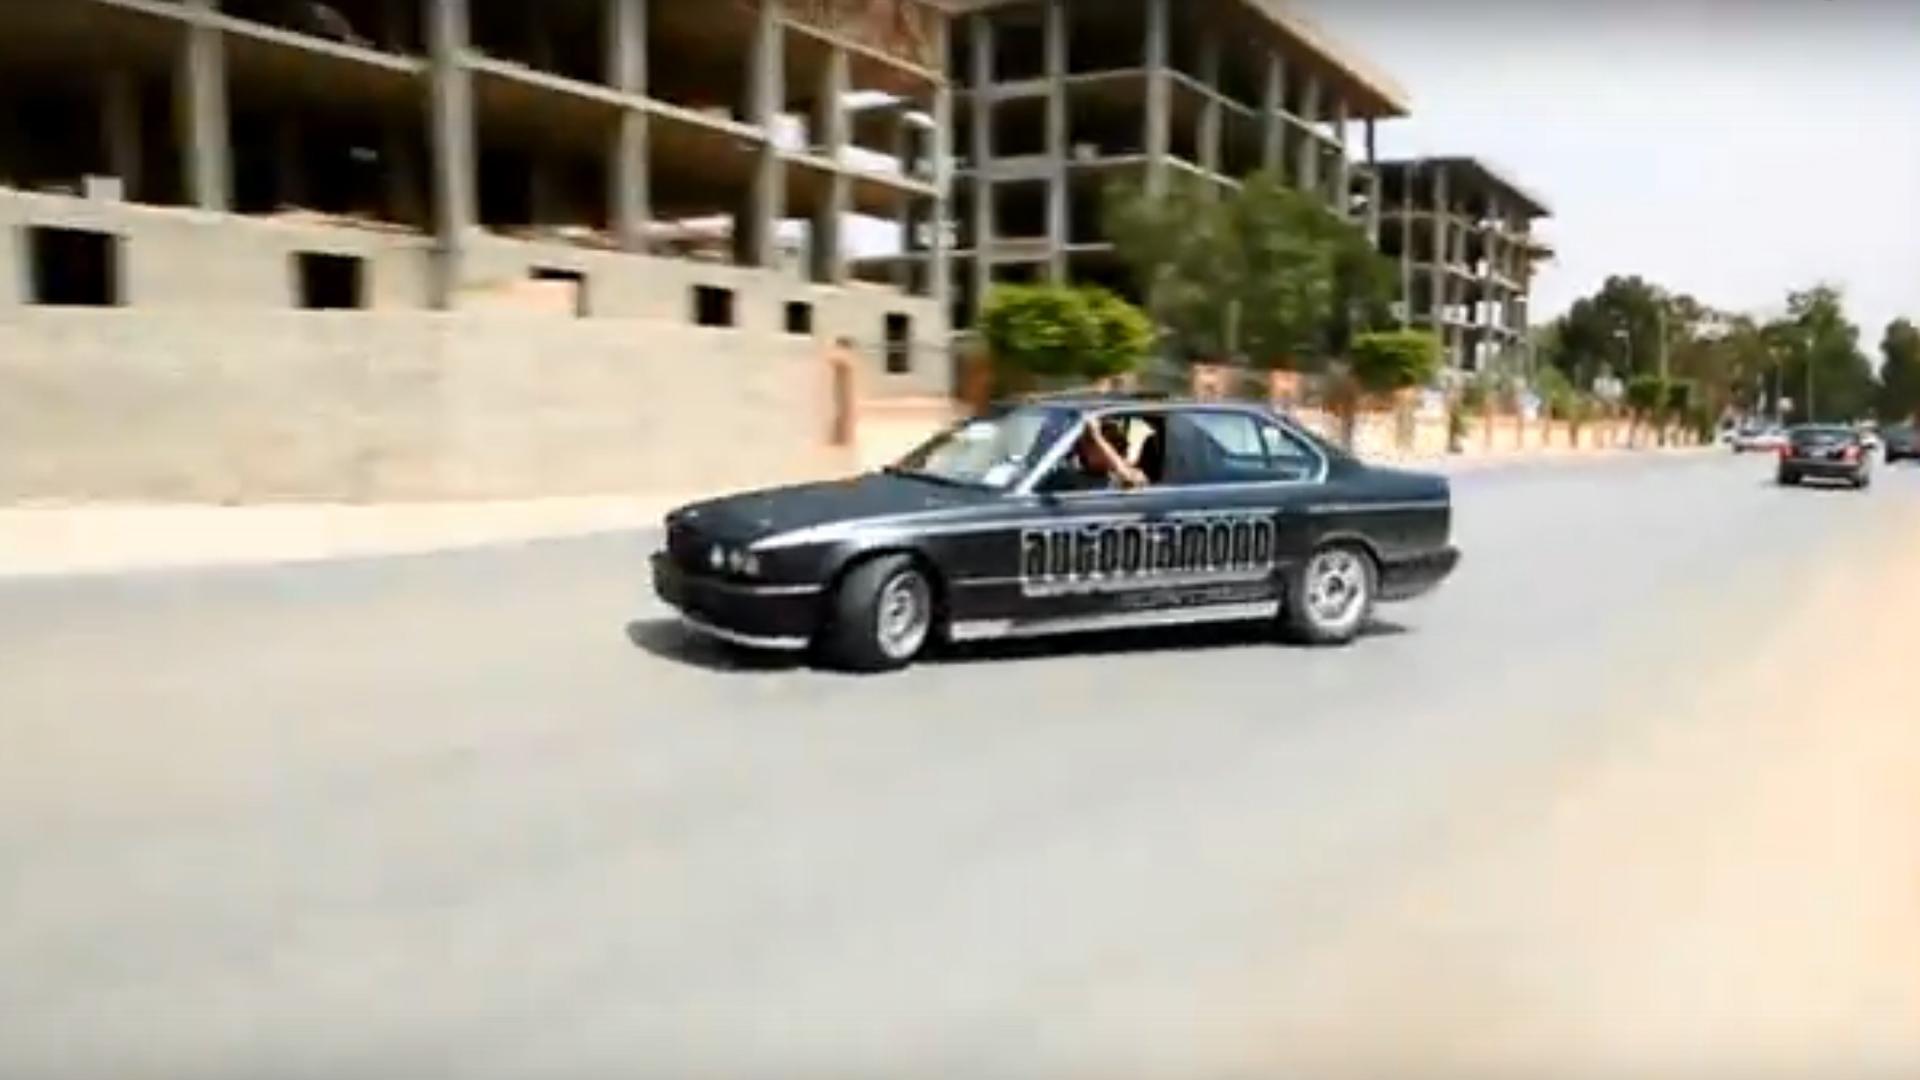 A drift race in Benghazi.